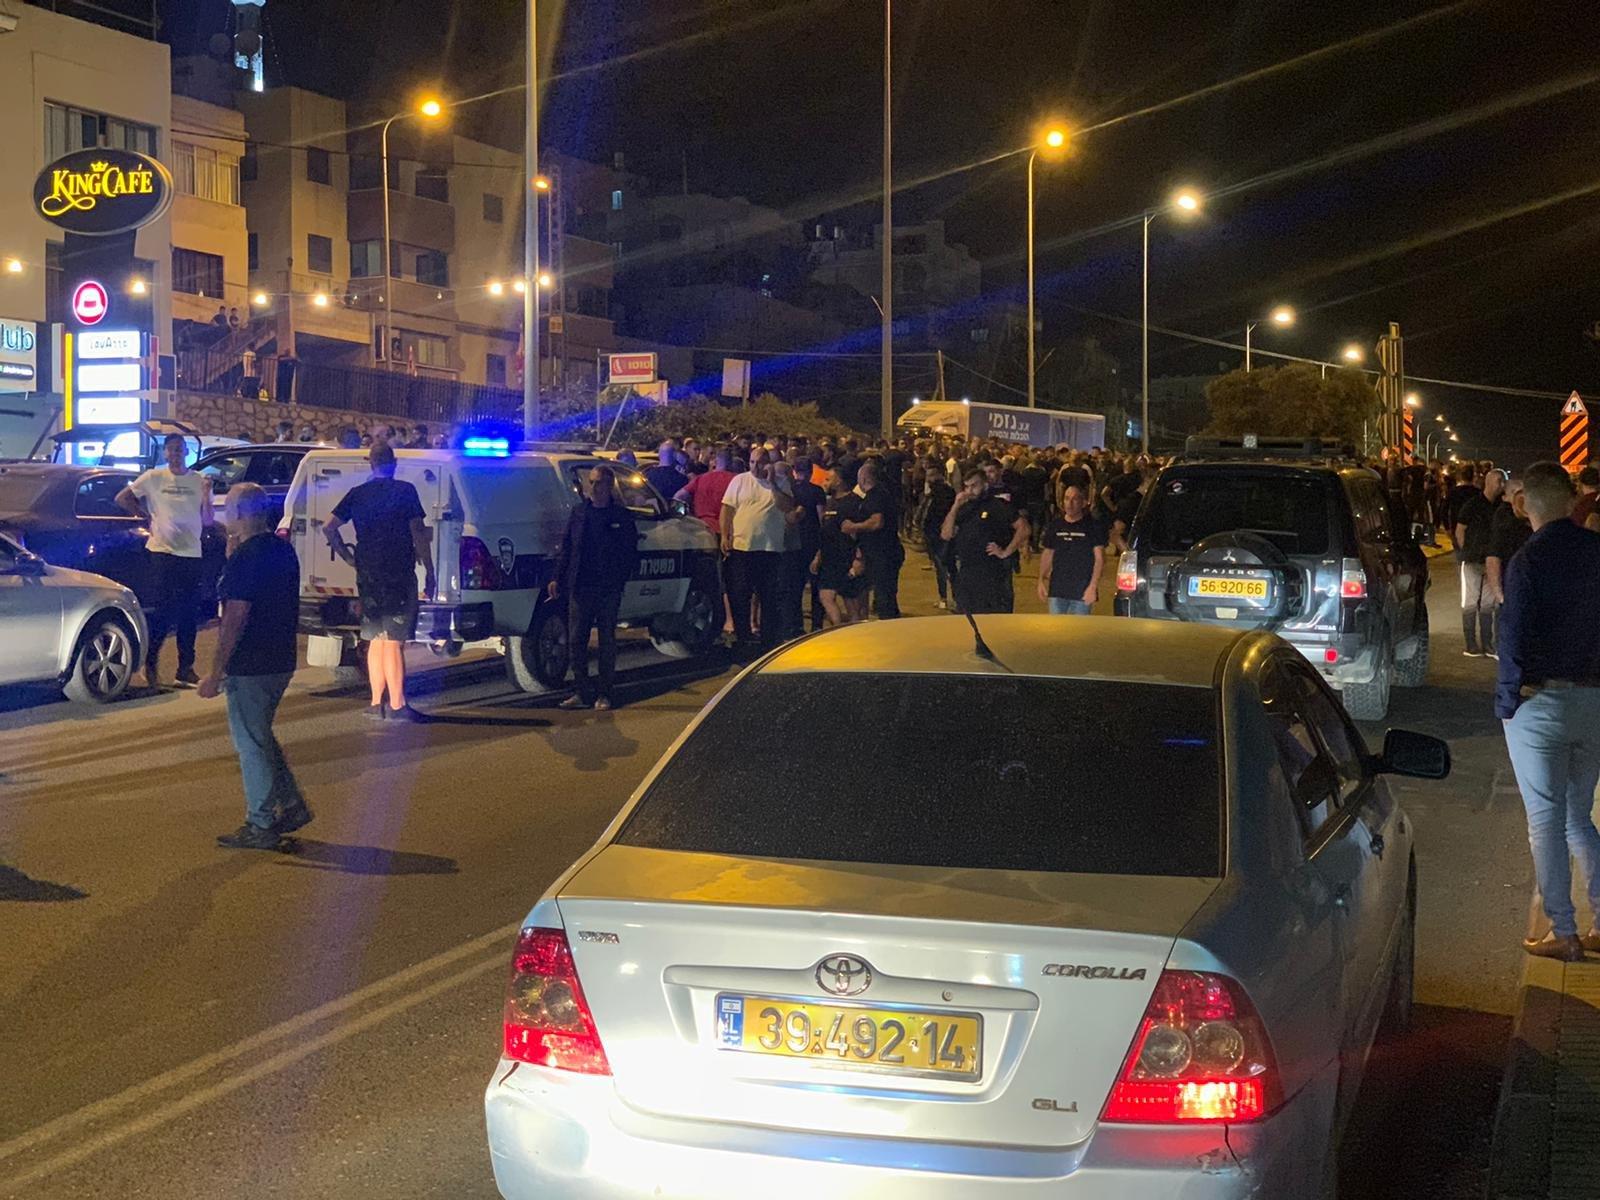 جريمة قتل في دير حنا: مقتل الشاب جهاد حمود وإصابة آخرين-1